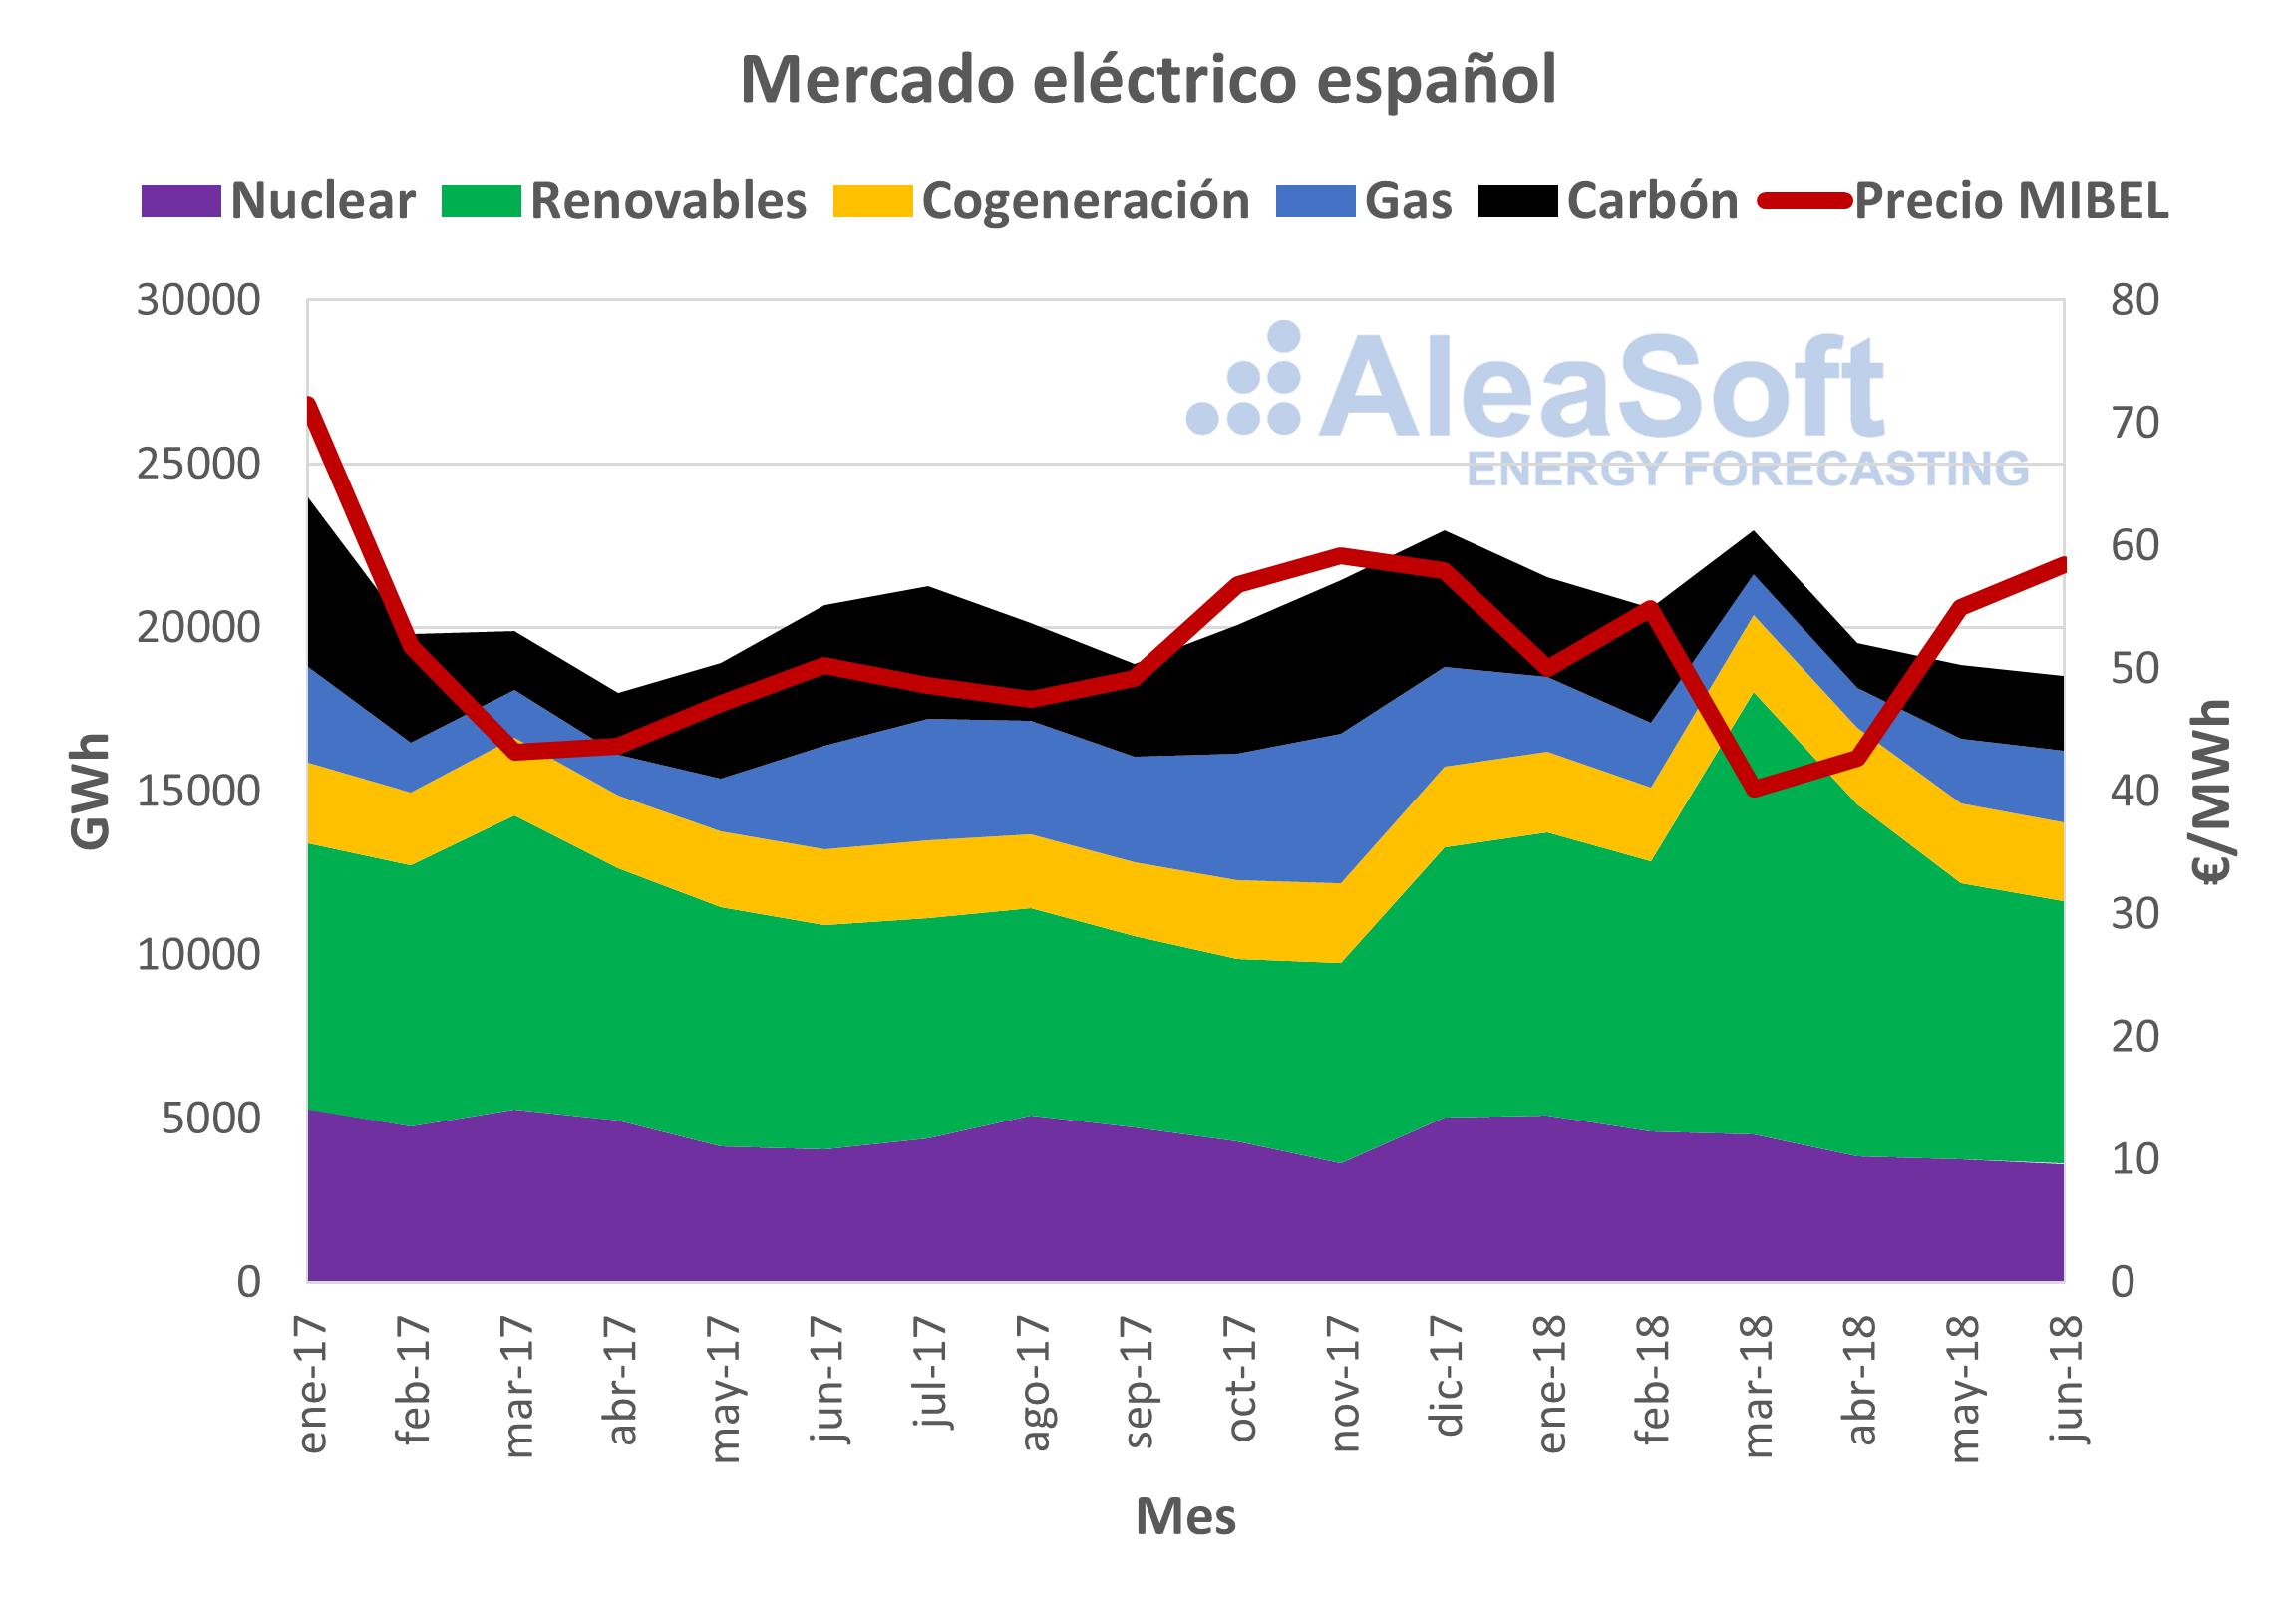 AleaSoft - Producción eléctrica de España vs precio MIBEL